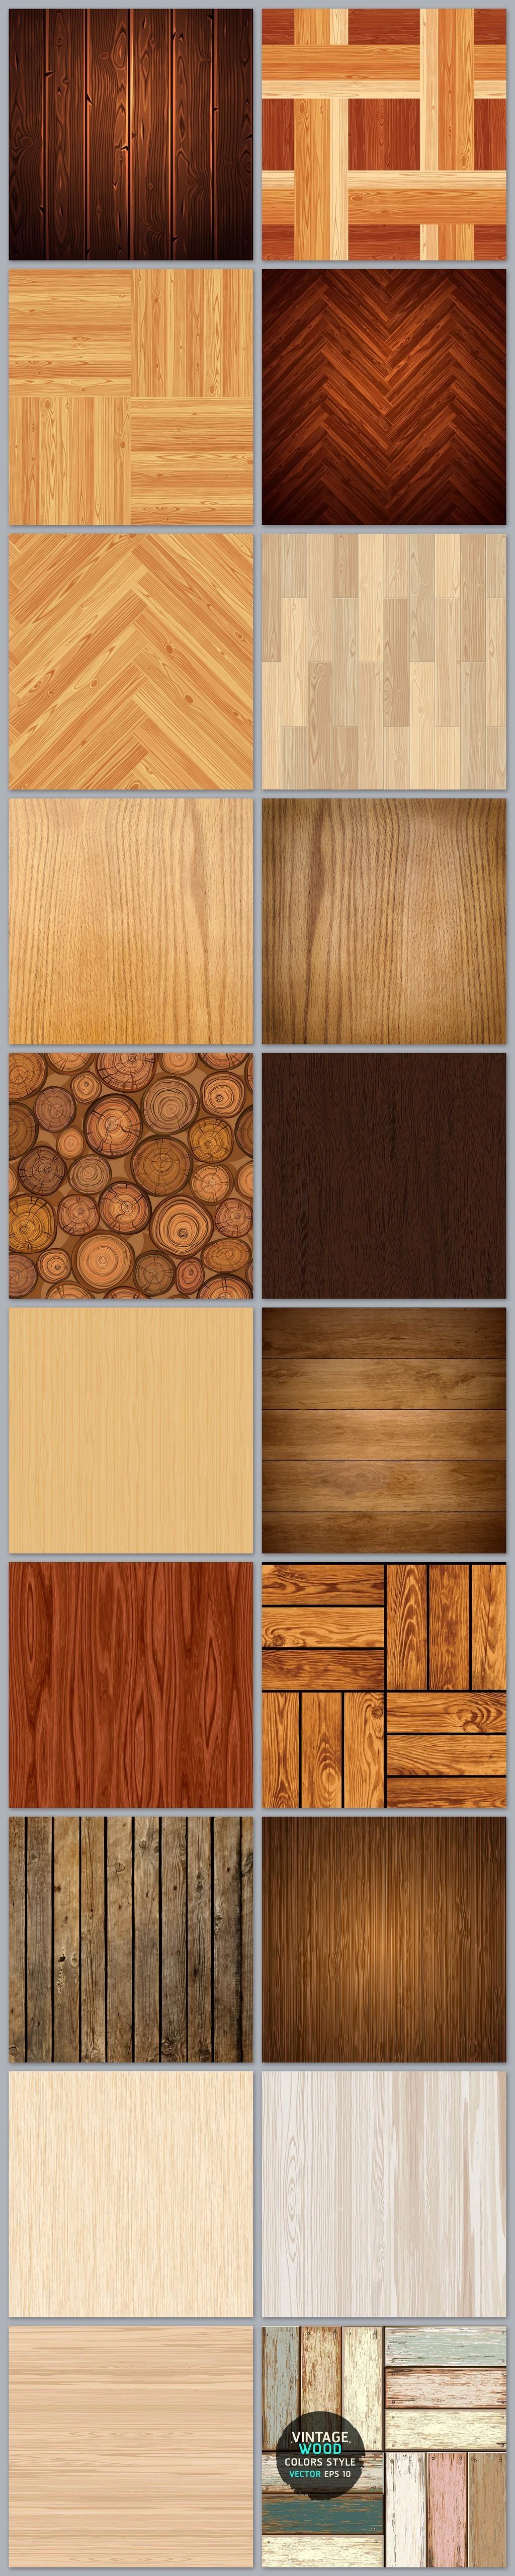 木质地板纹理木纹背景素材